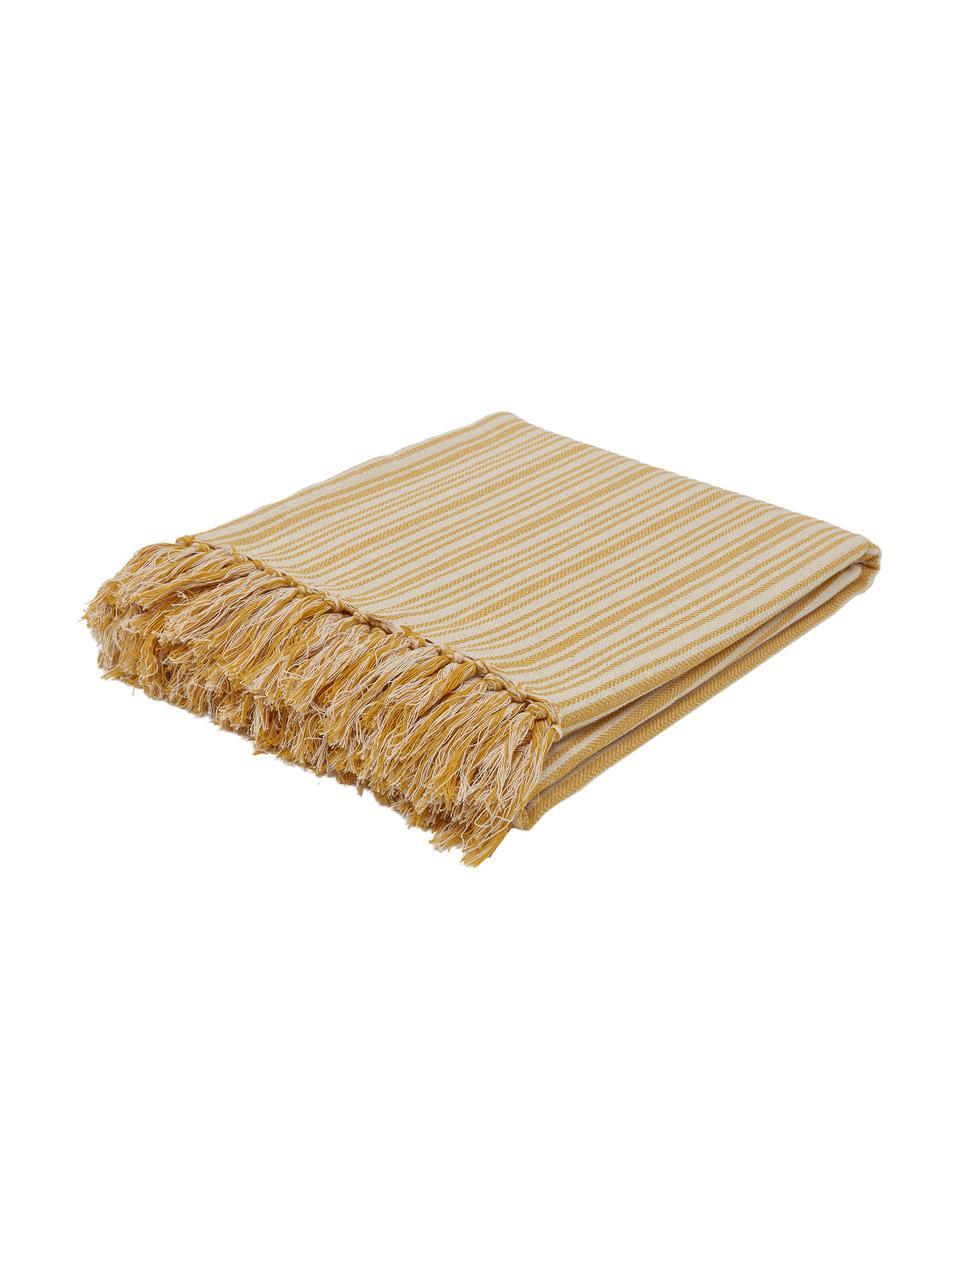 Gestreept bedsprei Puket met franjes, 100% katoen, Mosterdgeel, gebroken wit, B 240 x L 260 cm (voor bedden van 160 x 200)